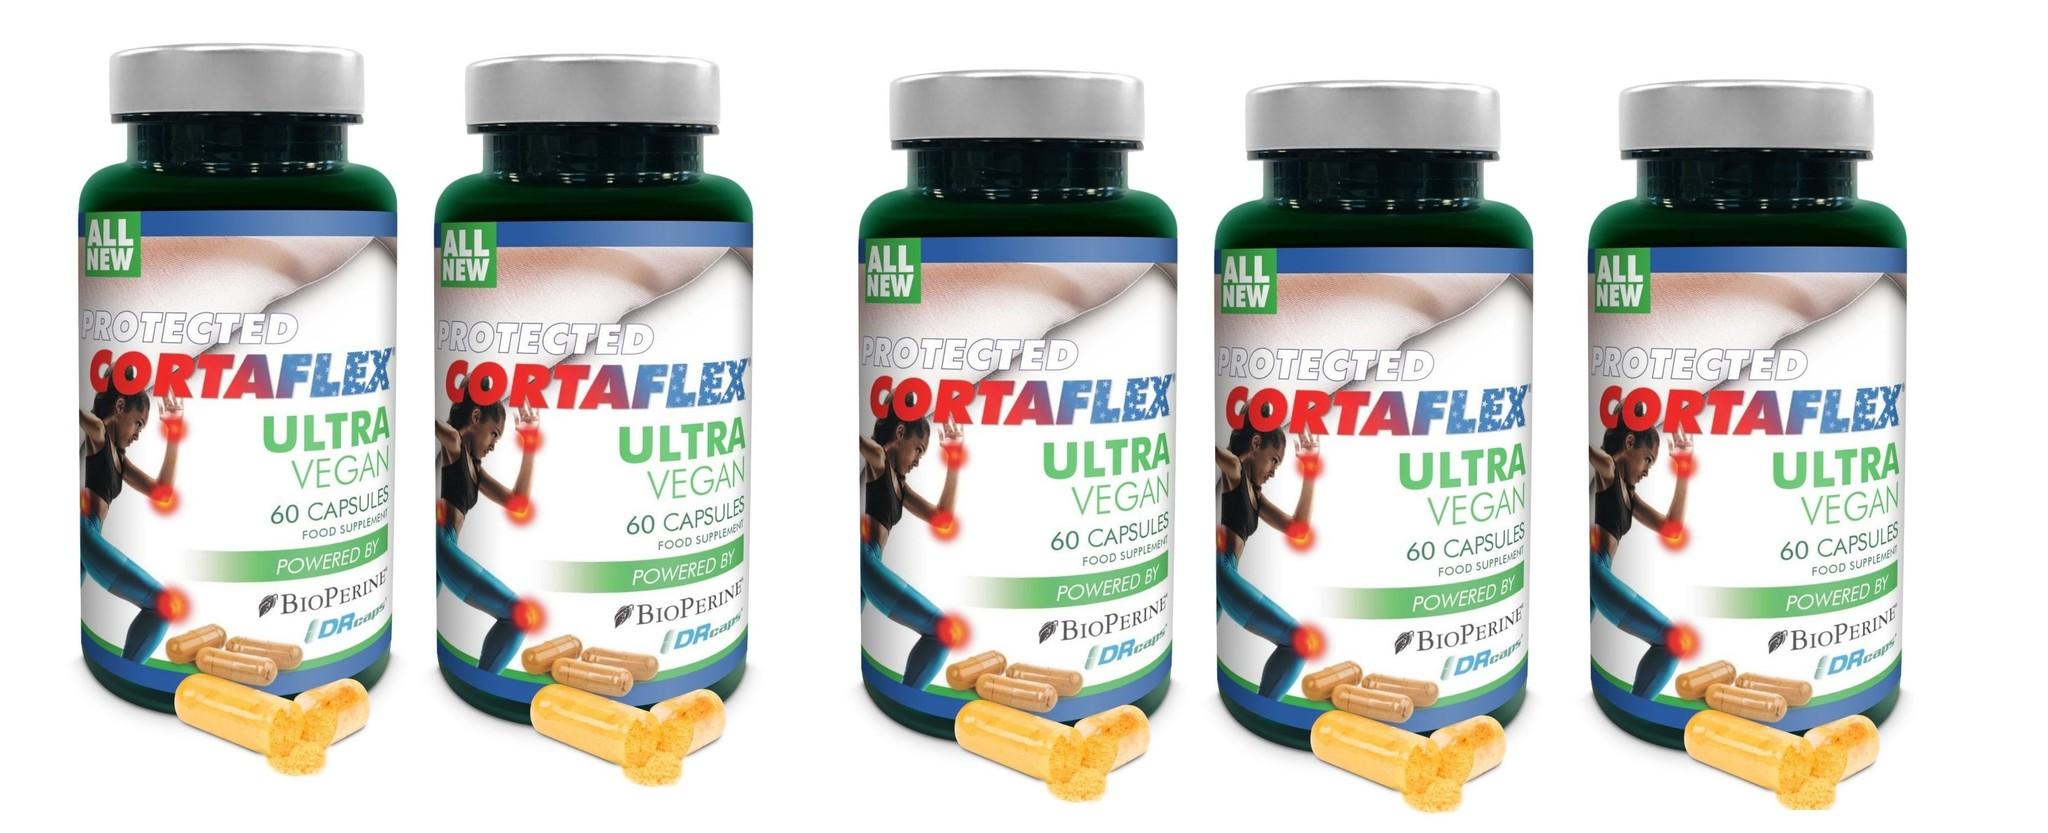 Dental Supps Protected Cortaflex Ultra Vegan, 60 Capsules, 5-packs